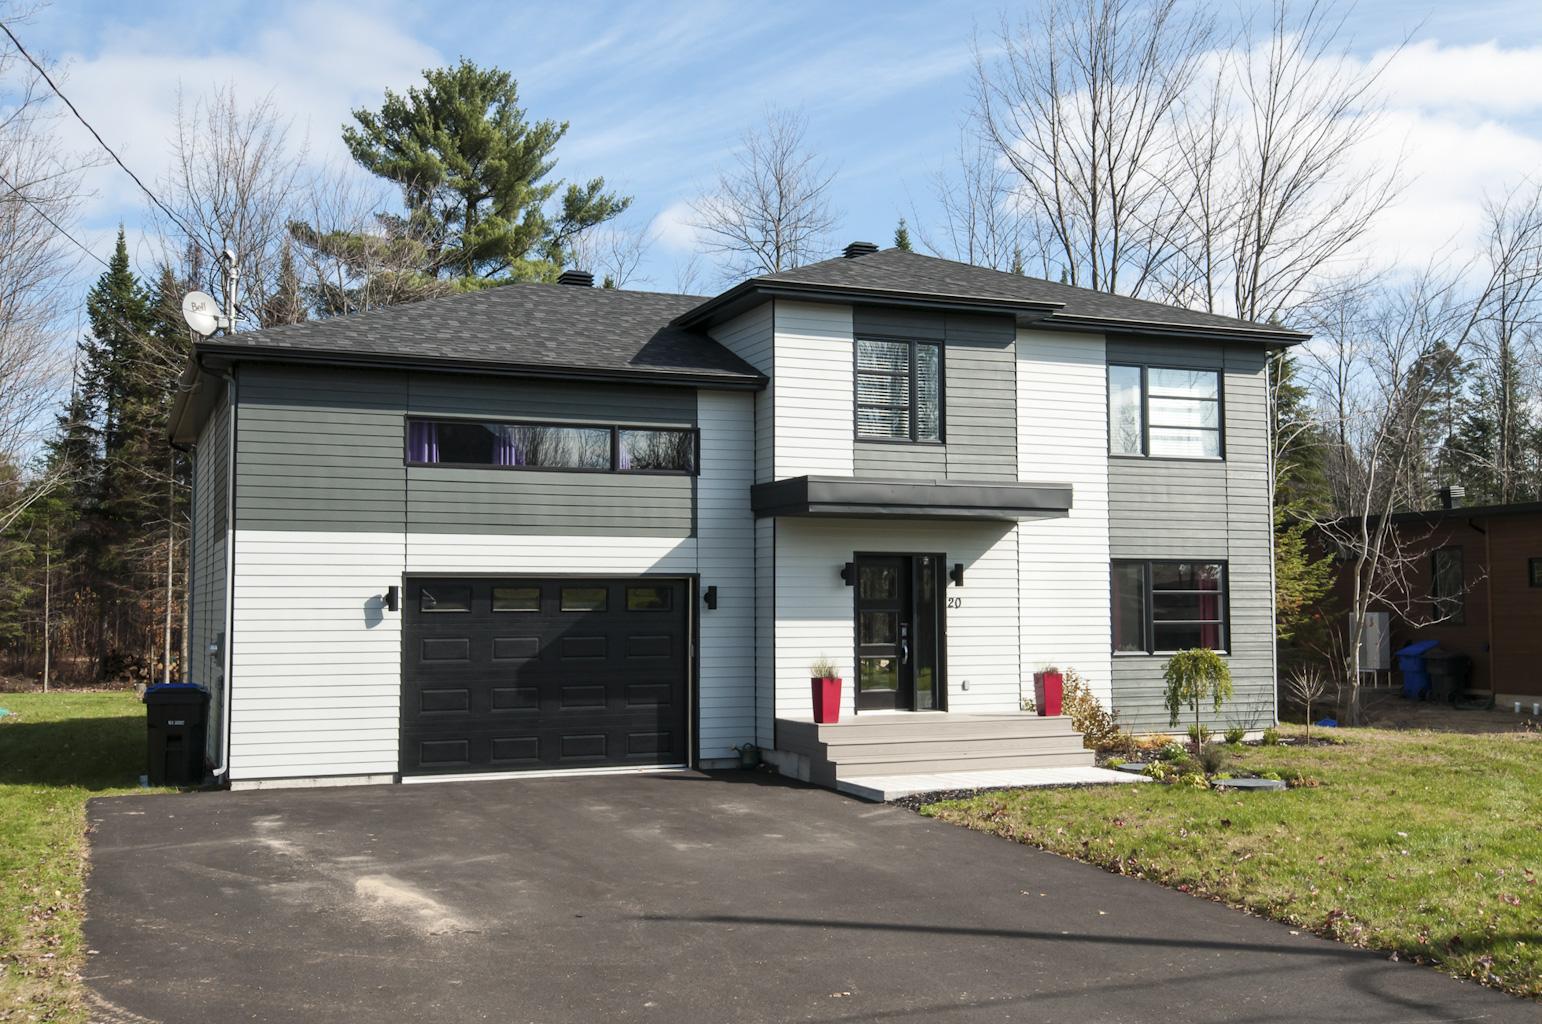 Mod les de maisons neuves for Maison neuve modele